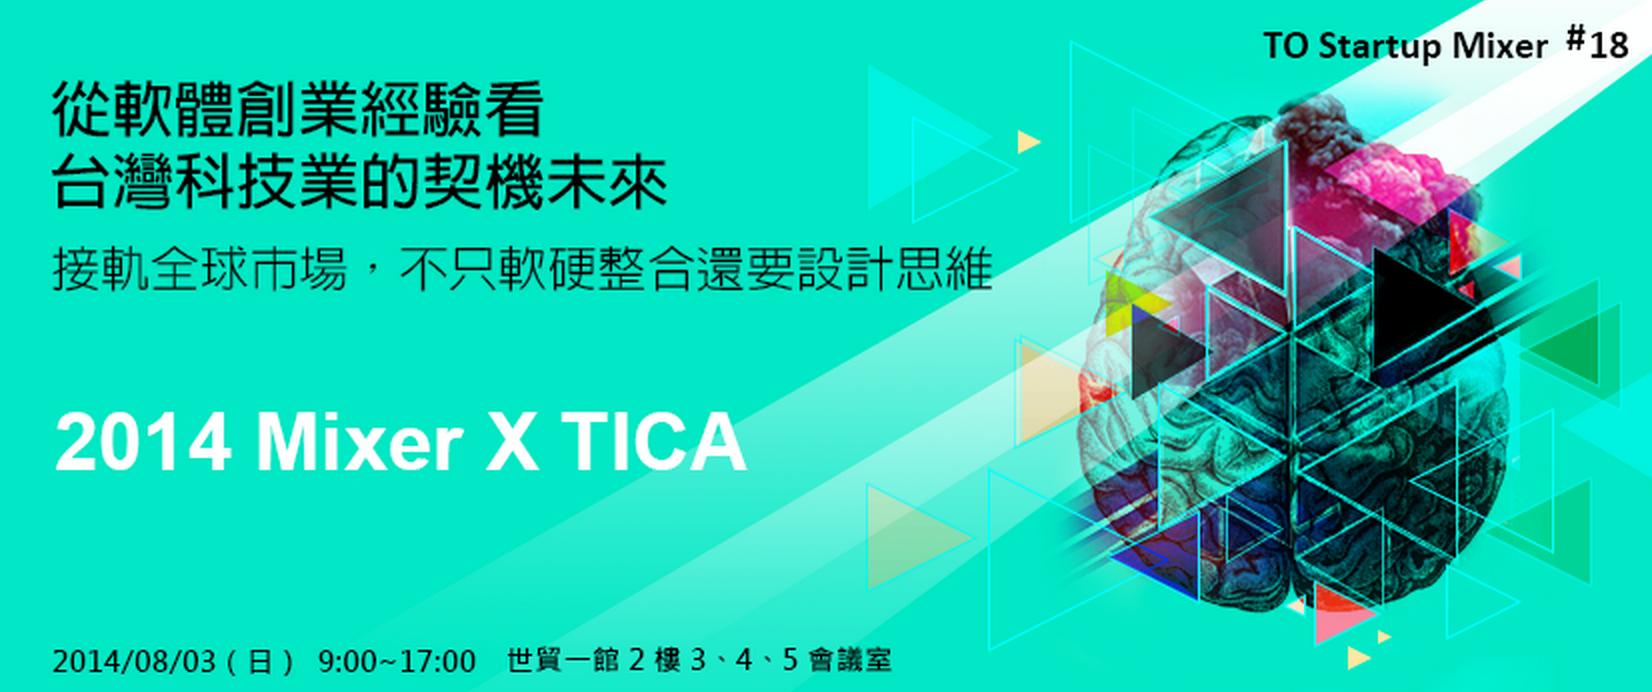 Screen Shot 2014-07-10 at 下午12.47.21.png